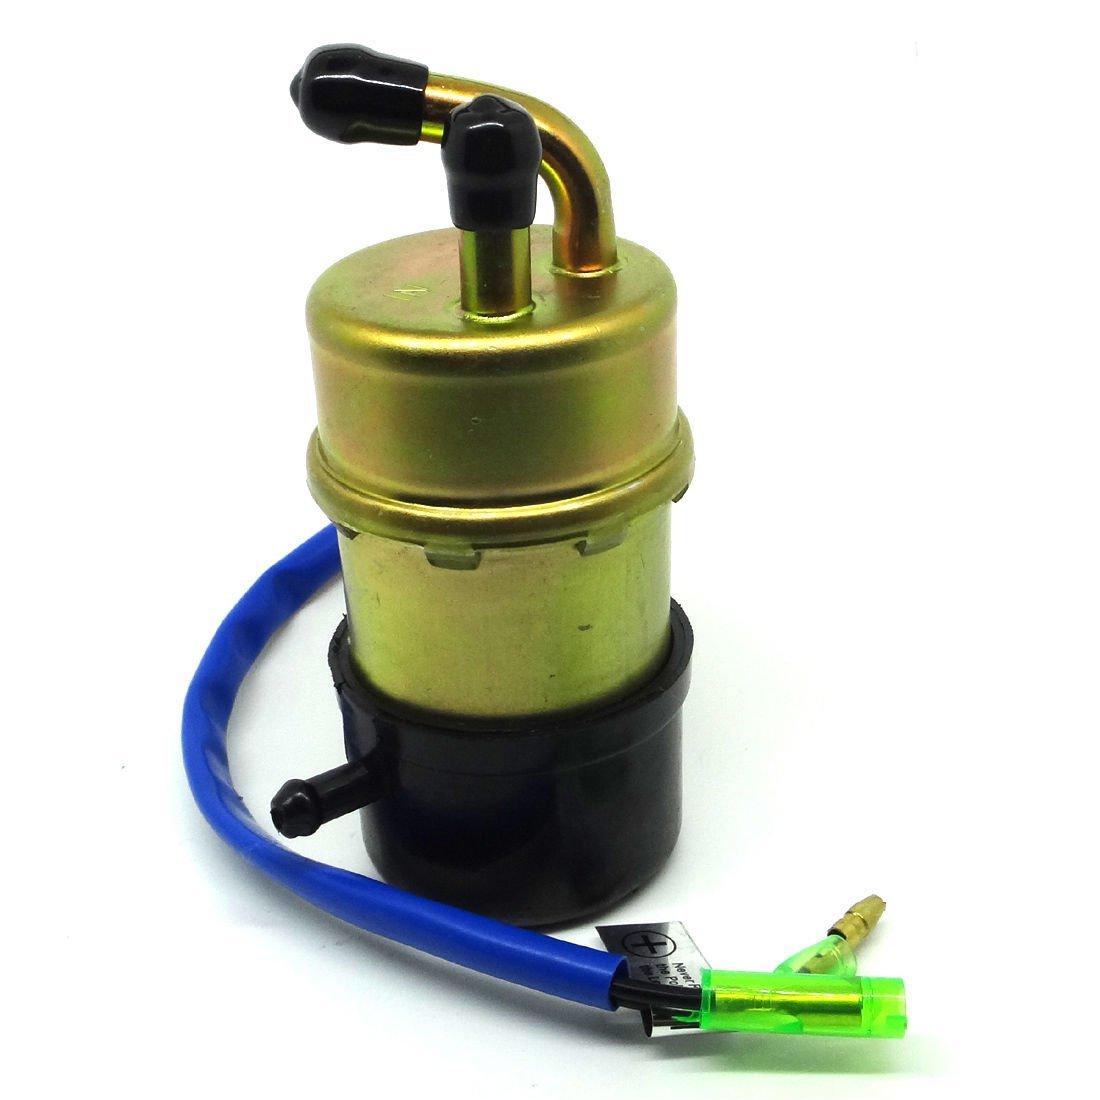 Buy Conpus Fuel Pump For Honda Fourtrax 350 Trx350 4x4 1986 1987 1988 Trx Foreman 16710 Ha7